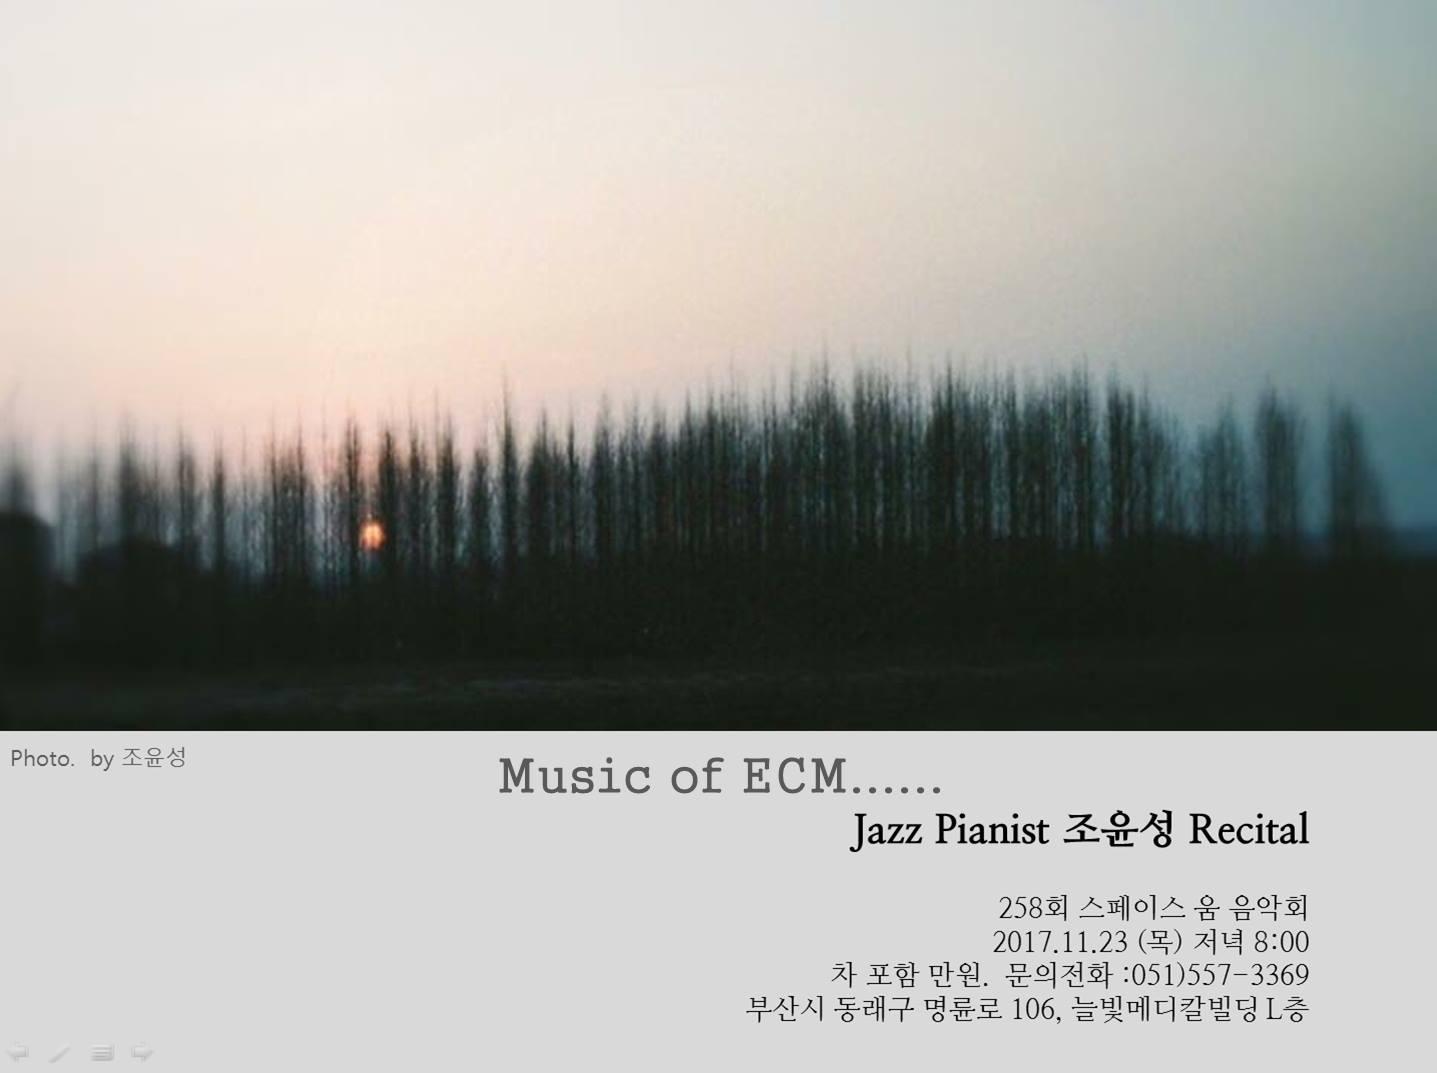 2017.11.20(월)~11.25(토) 조윤성 포토 전시회 Photo exhibition -1.jpg